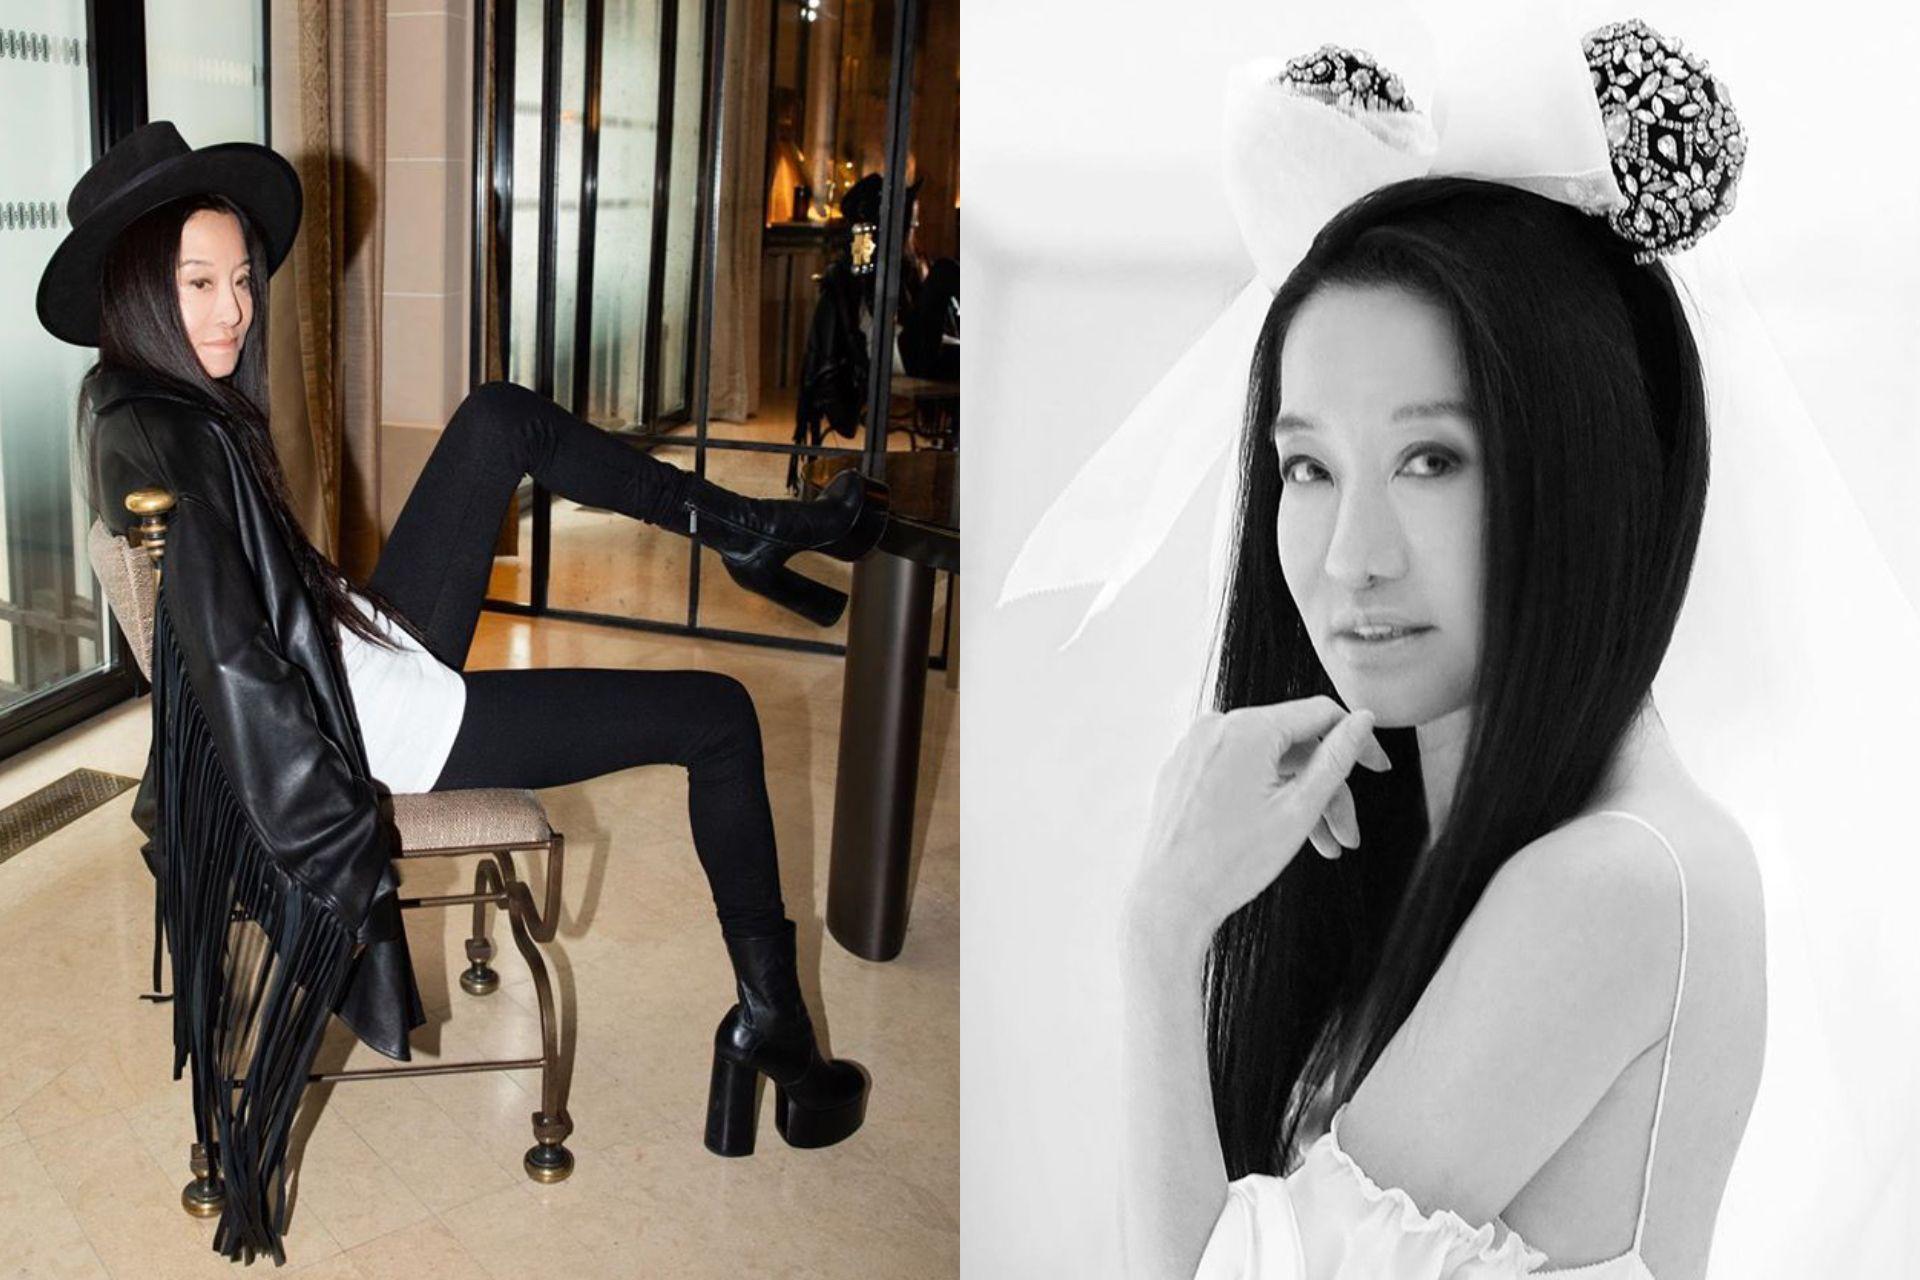 最強女力代表!婚紗女王Vera Wang從花式溜冰選手、資深時裝編輯到創業家的傳奇故事